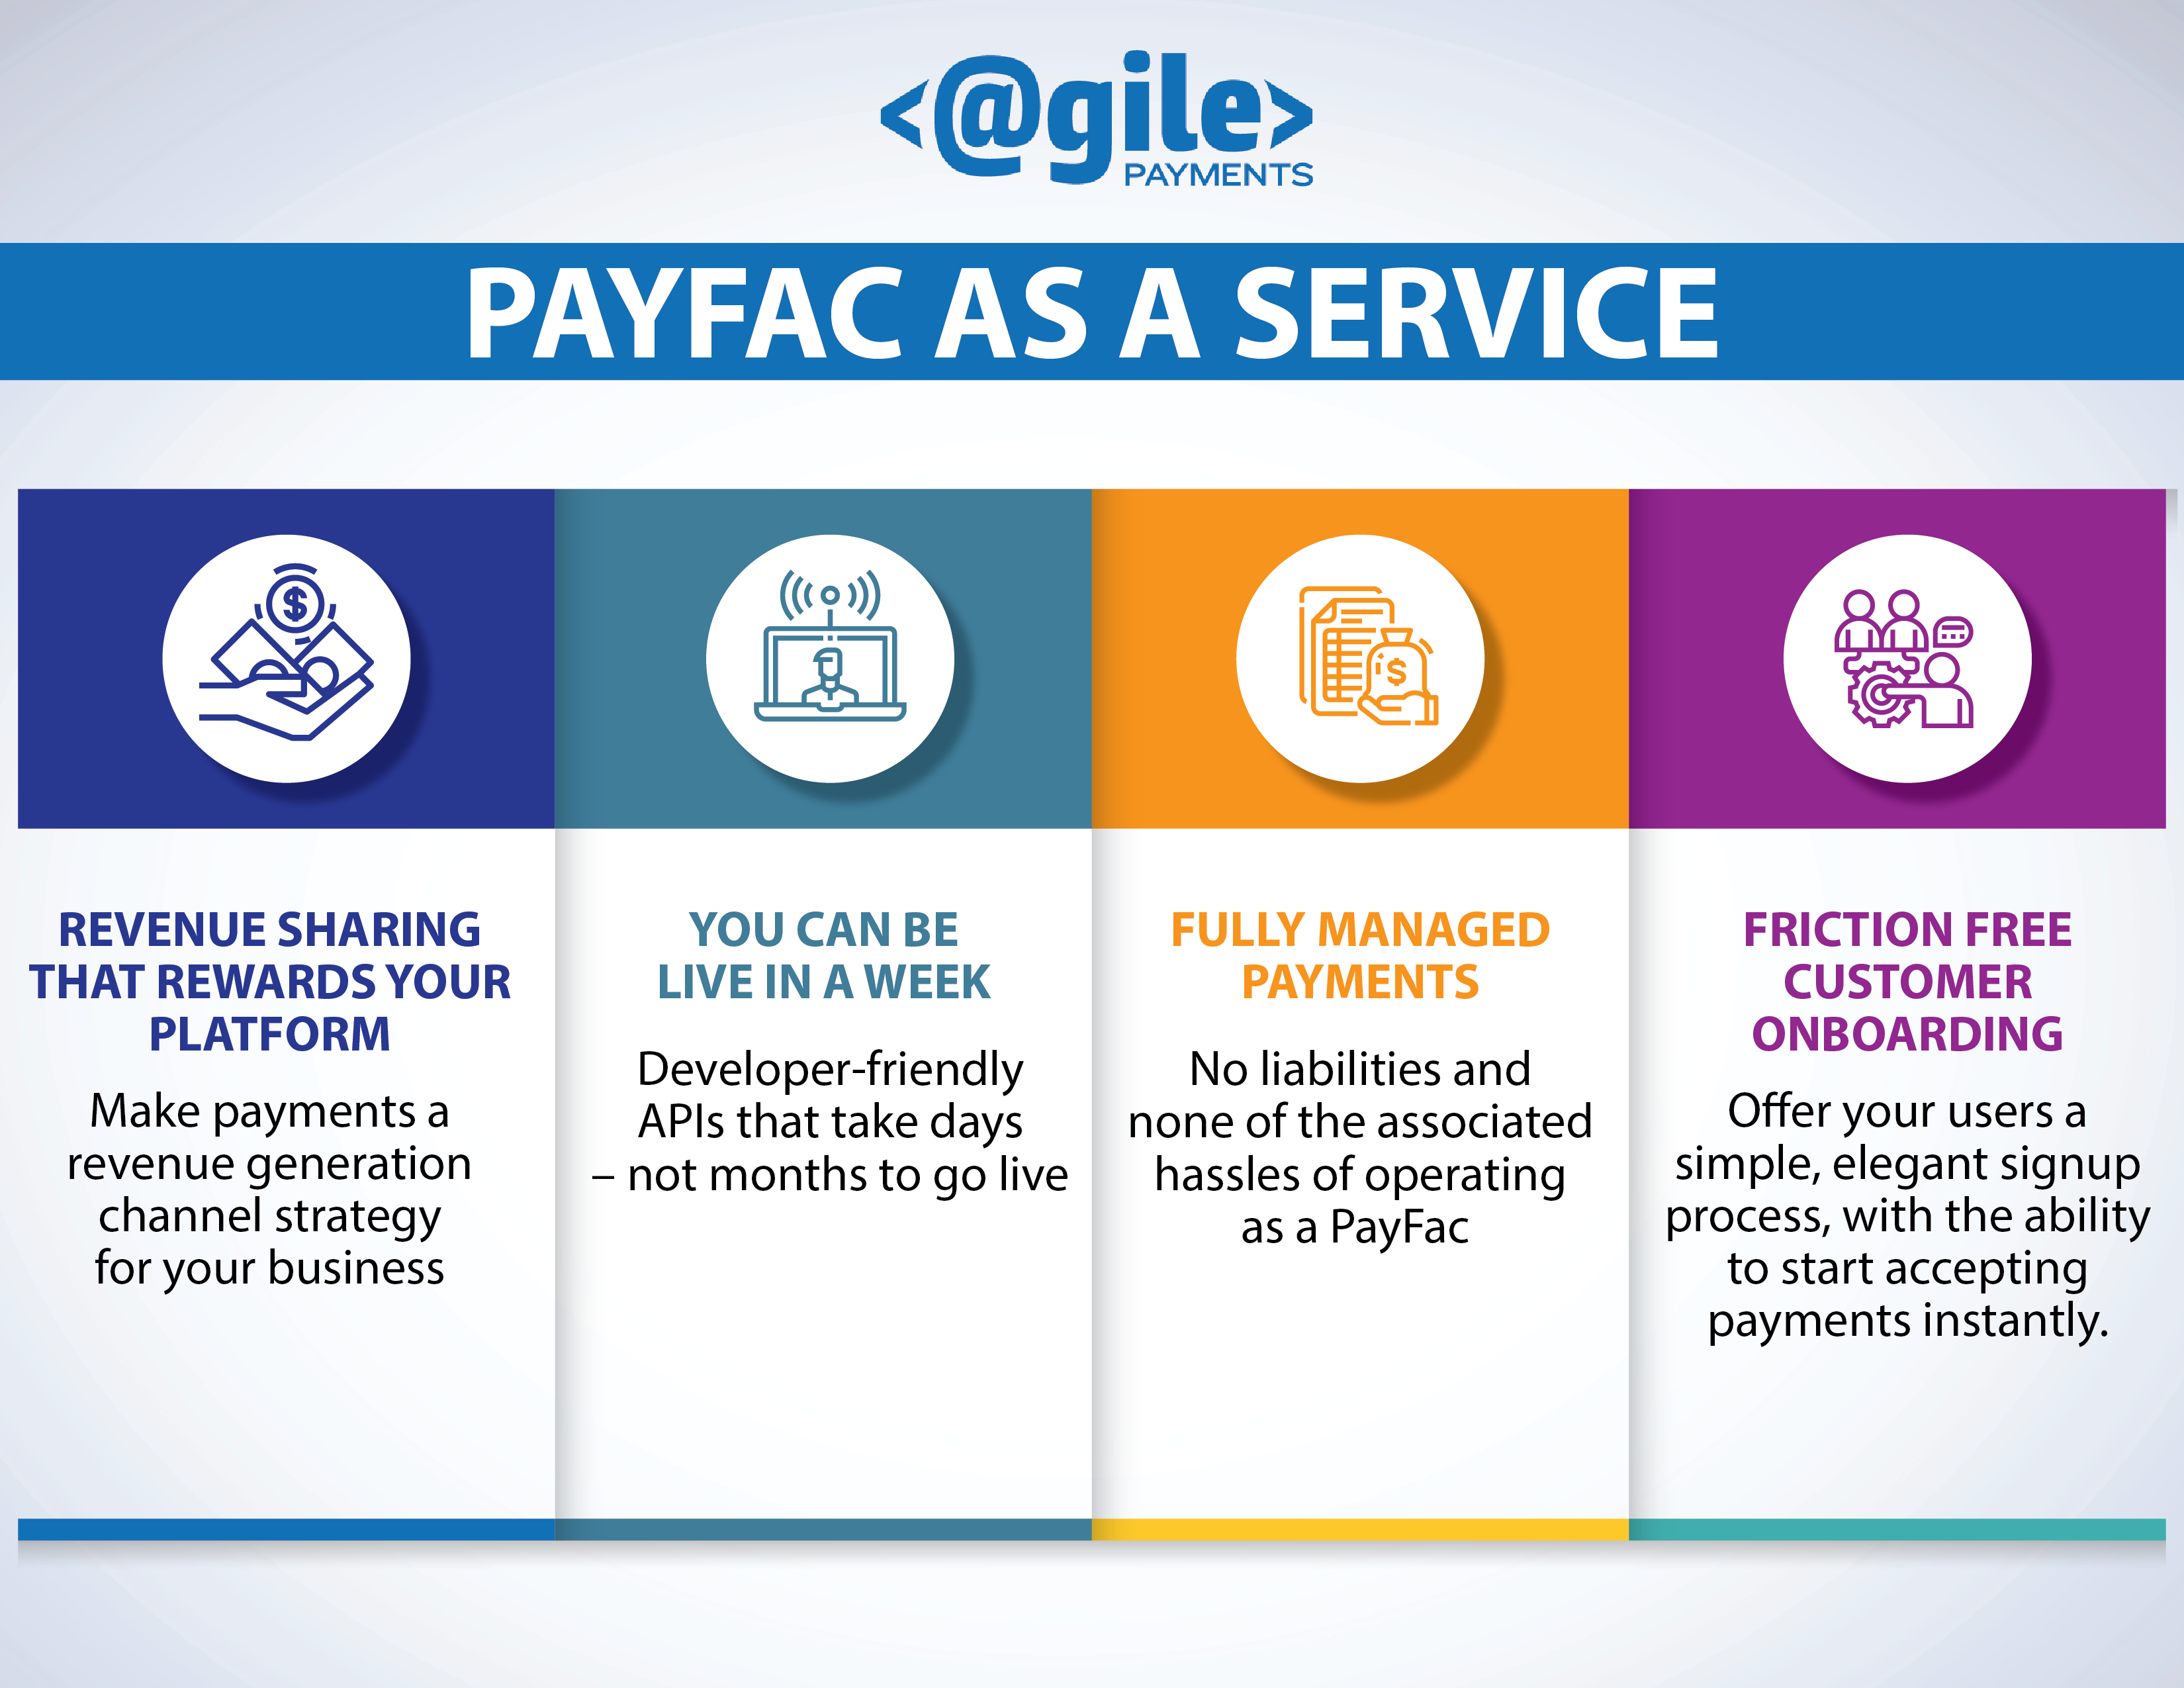 PayFac as a Service